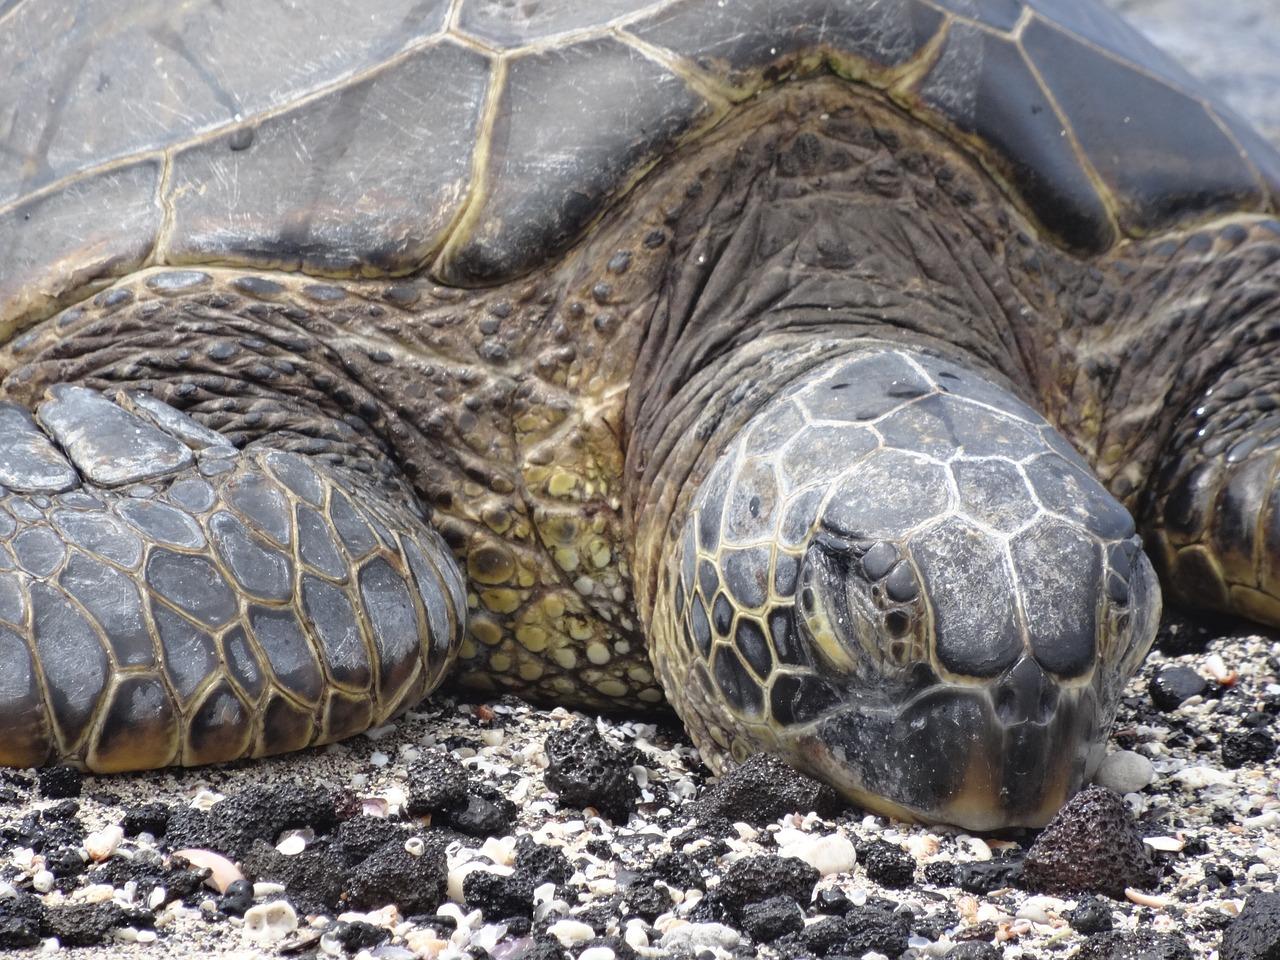 красноухая черепаха в спячке фото товары